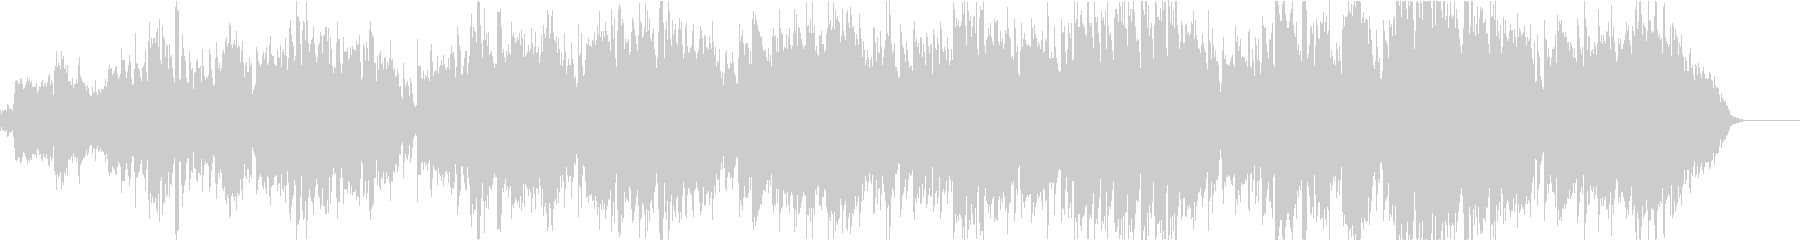 赤とんぼ(透き通った空間が広がる童謡)Bの未再生の波形